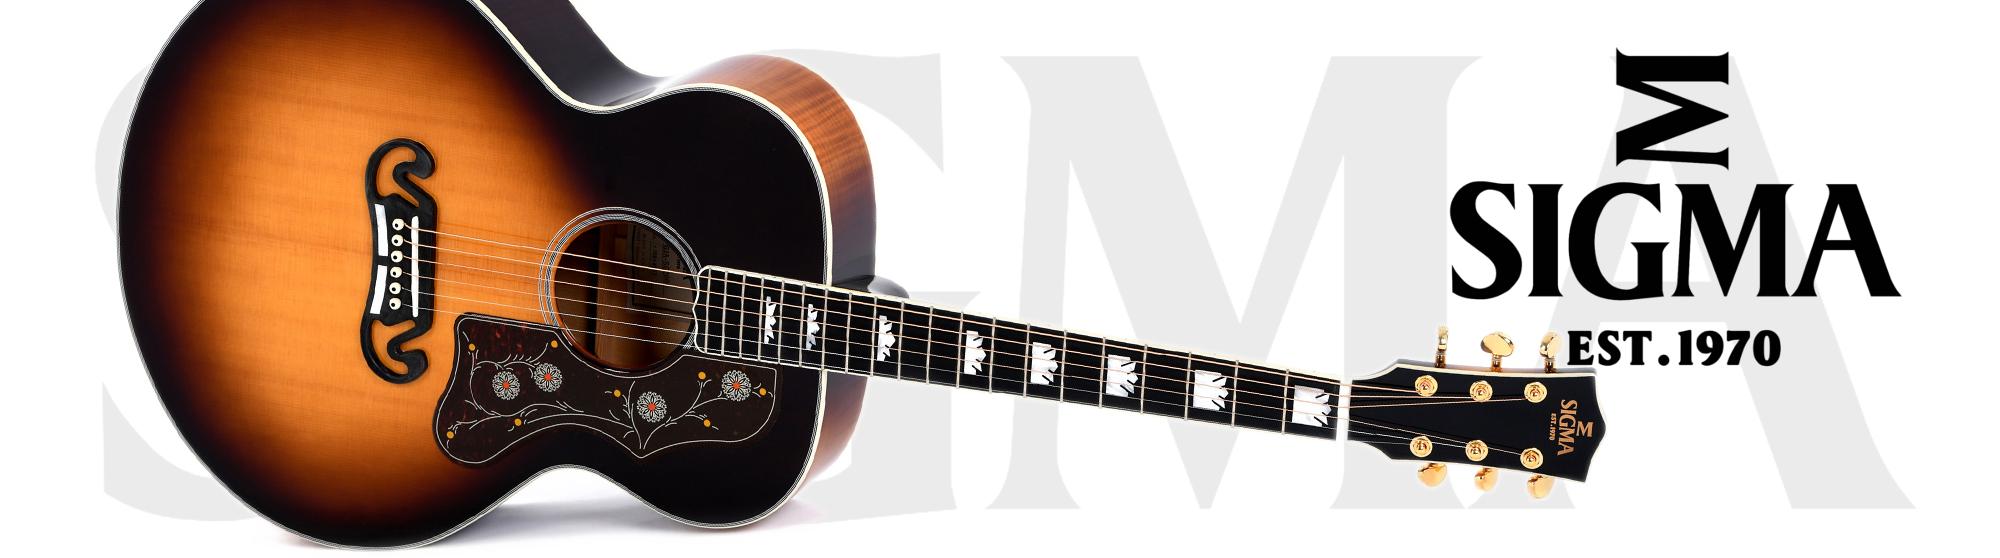 Guitarras Sigma